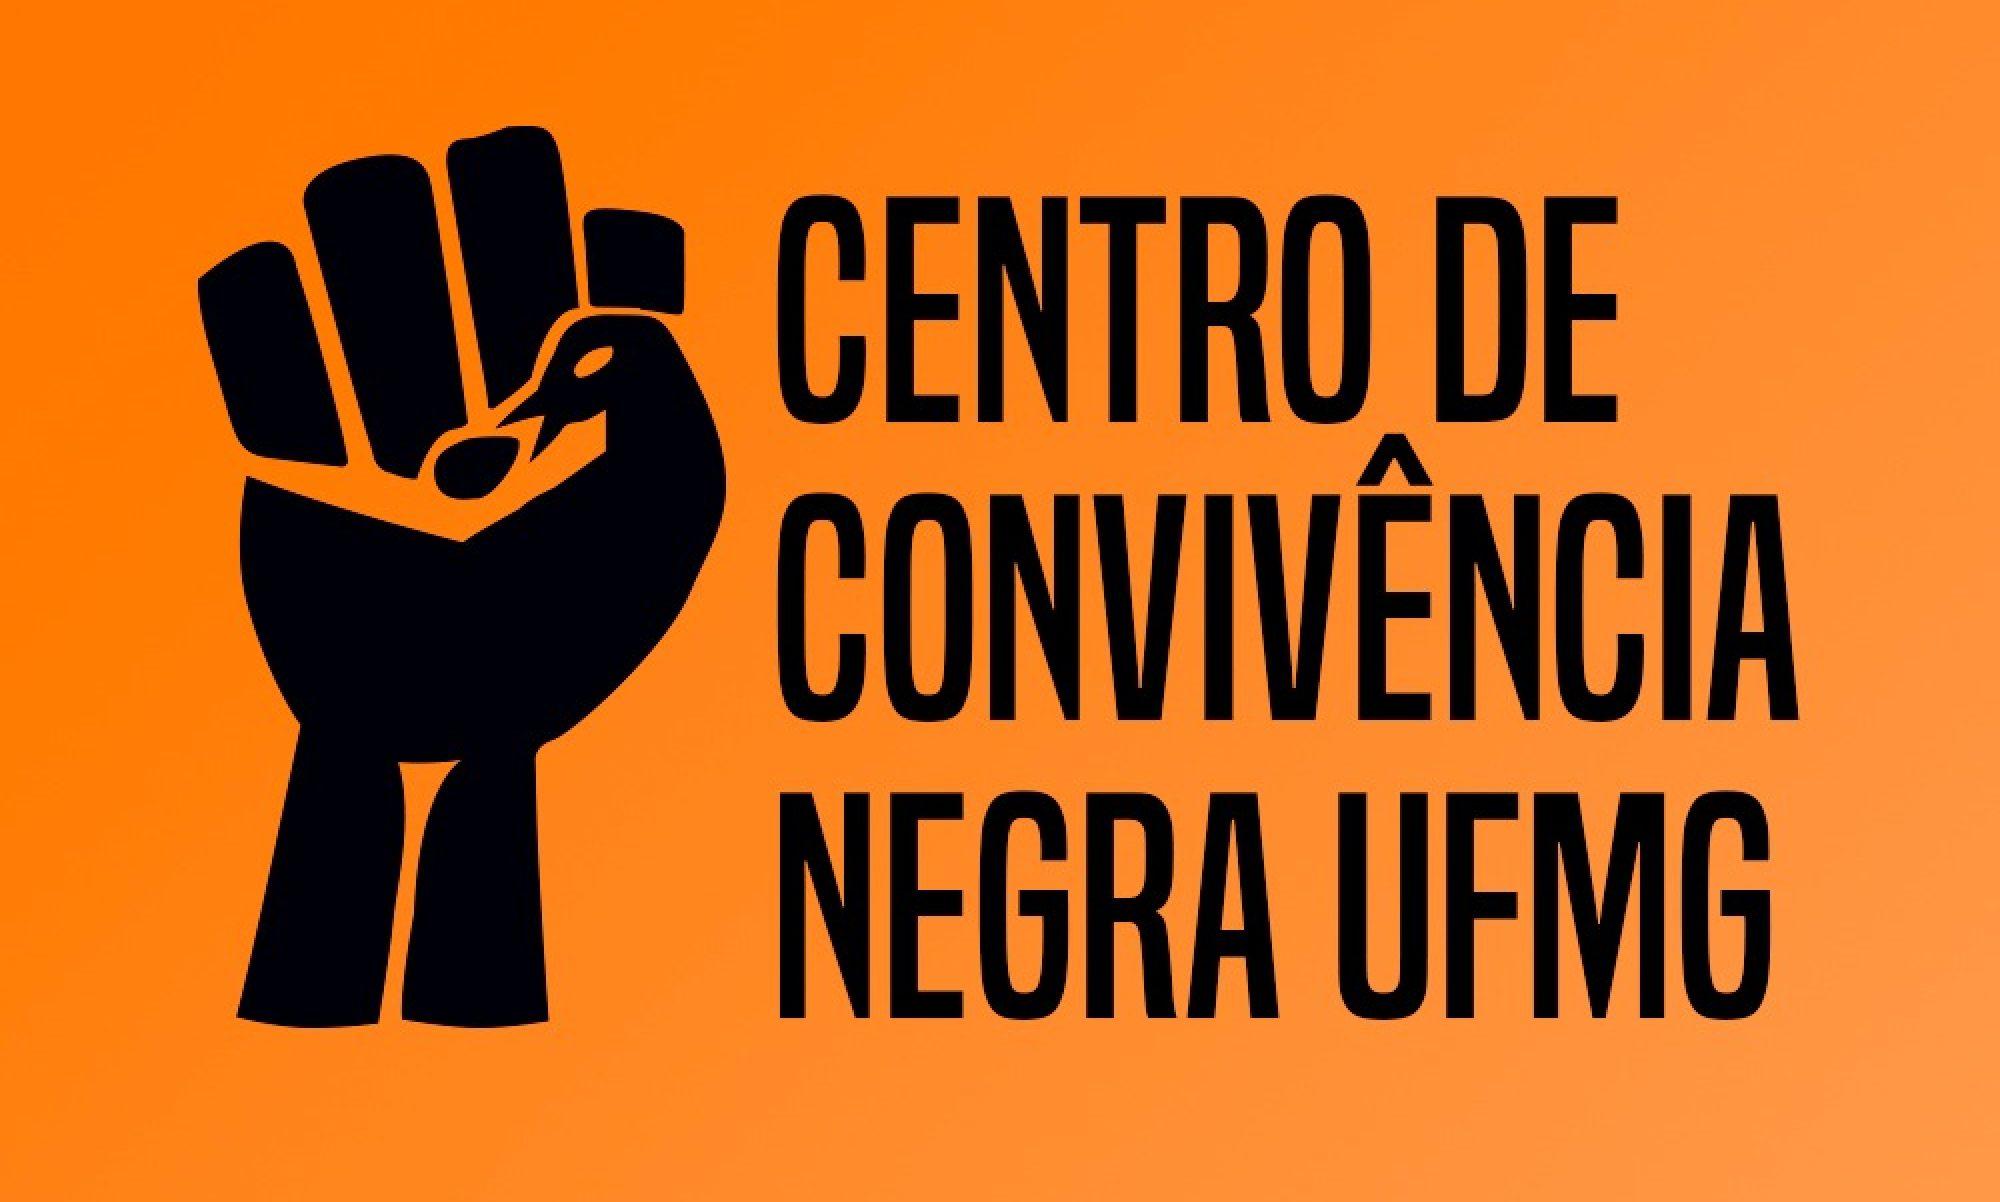 CCN - Centro de Convivência Negra